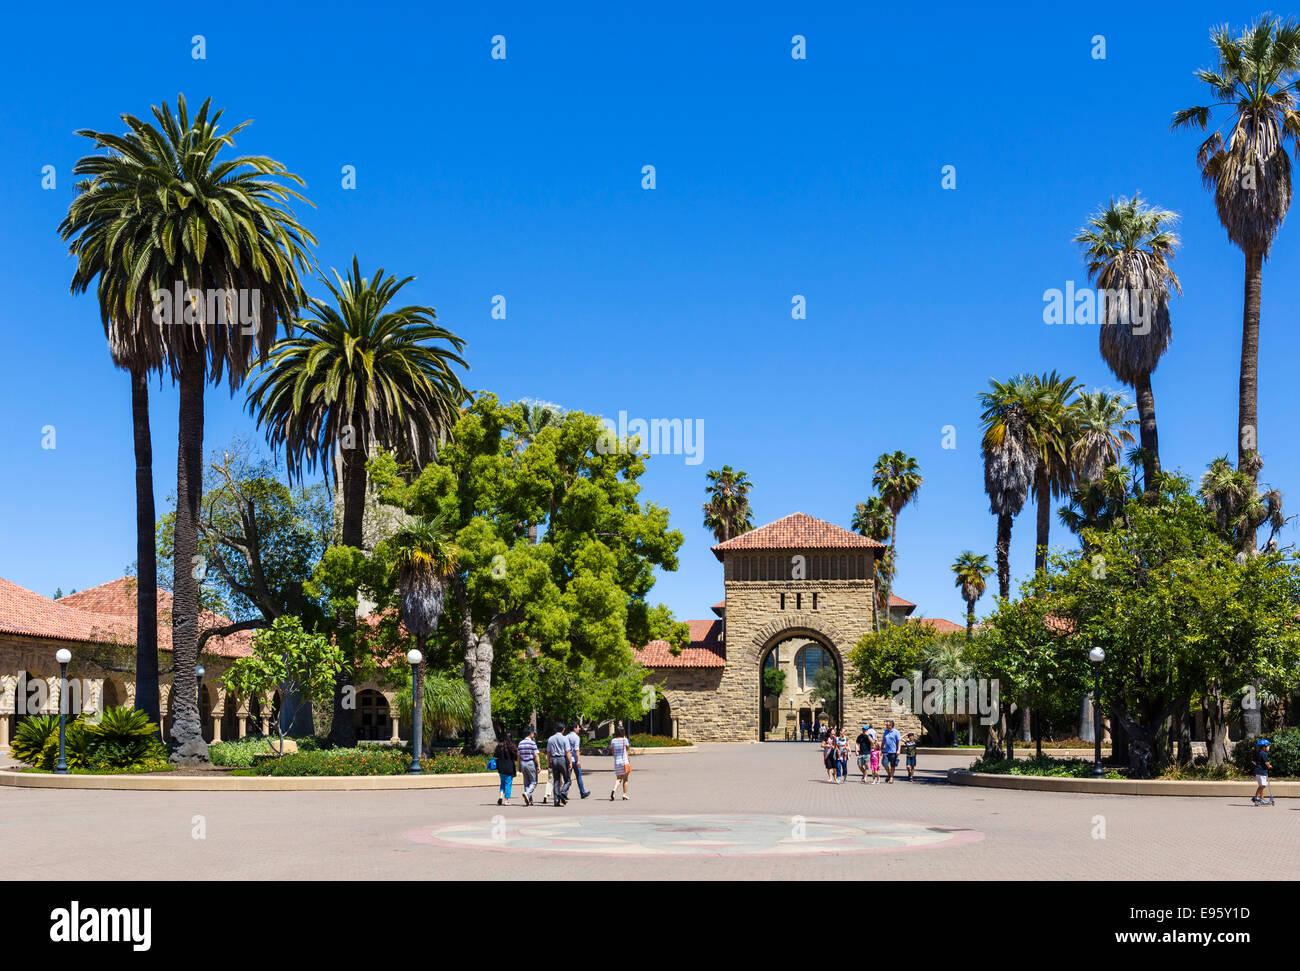 Principali Quad-, Stanford University di Palo Alto, California, Stati Uniti d'America Immagini Stock